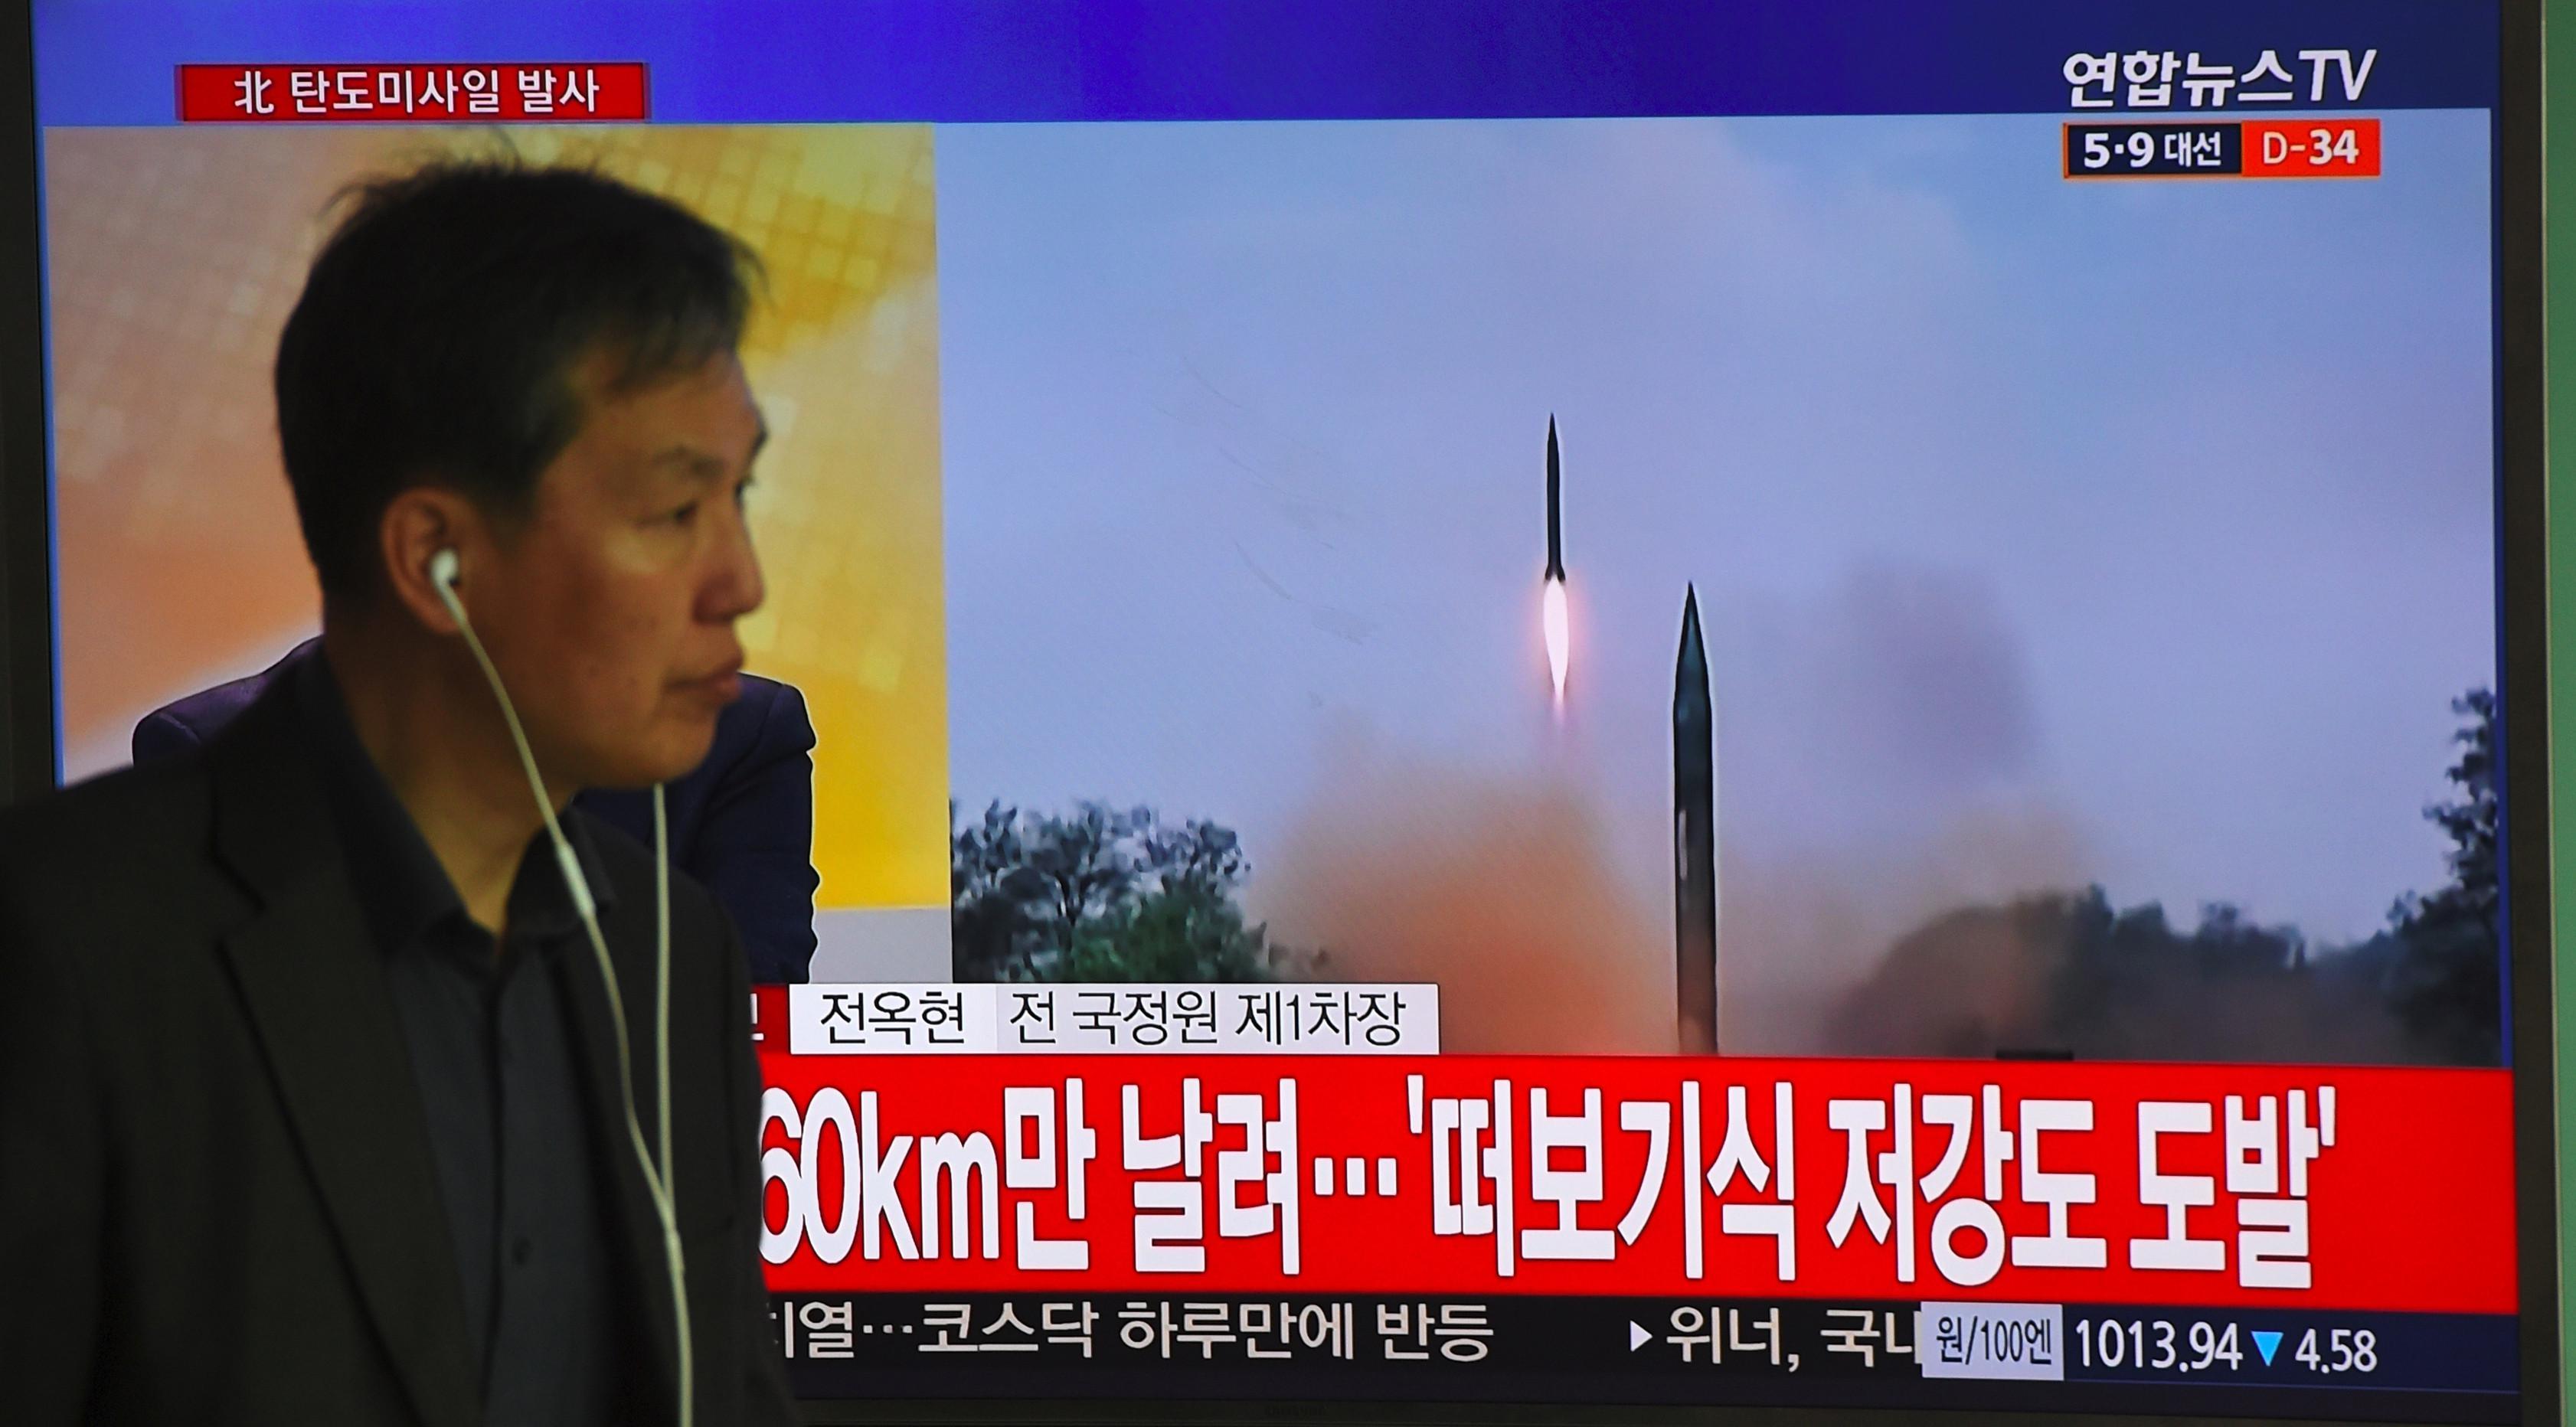 Seorang pria melewati layar televisi yang menyiarkan berita peluncuran rudal oleh Korea Utara (Korut), di sebuah stasiun kereta di Seoul, Korea Selatan, Selasa (5/4). Rudal itu ditembakkan dari wilayah timur Korut ke arah Laut Jepang. (JUNG Yeon-Je/AFP)